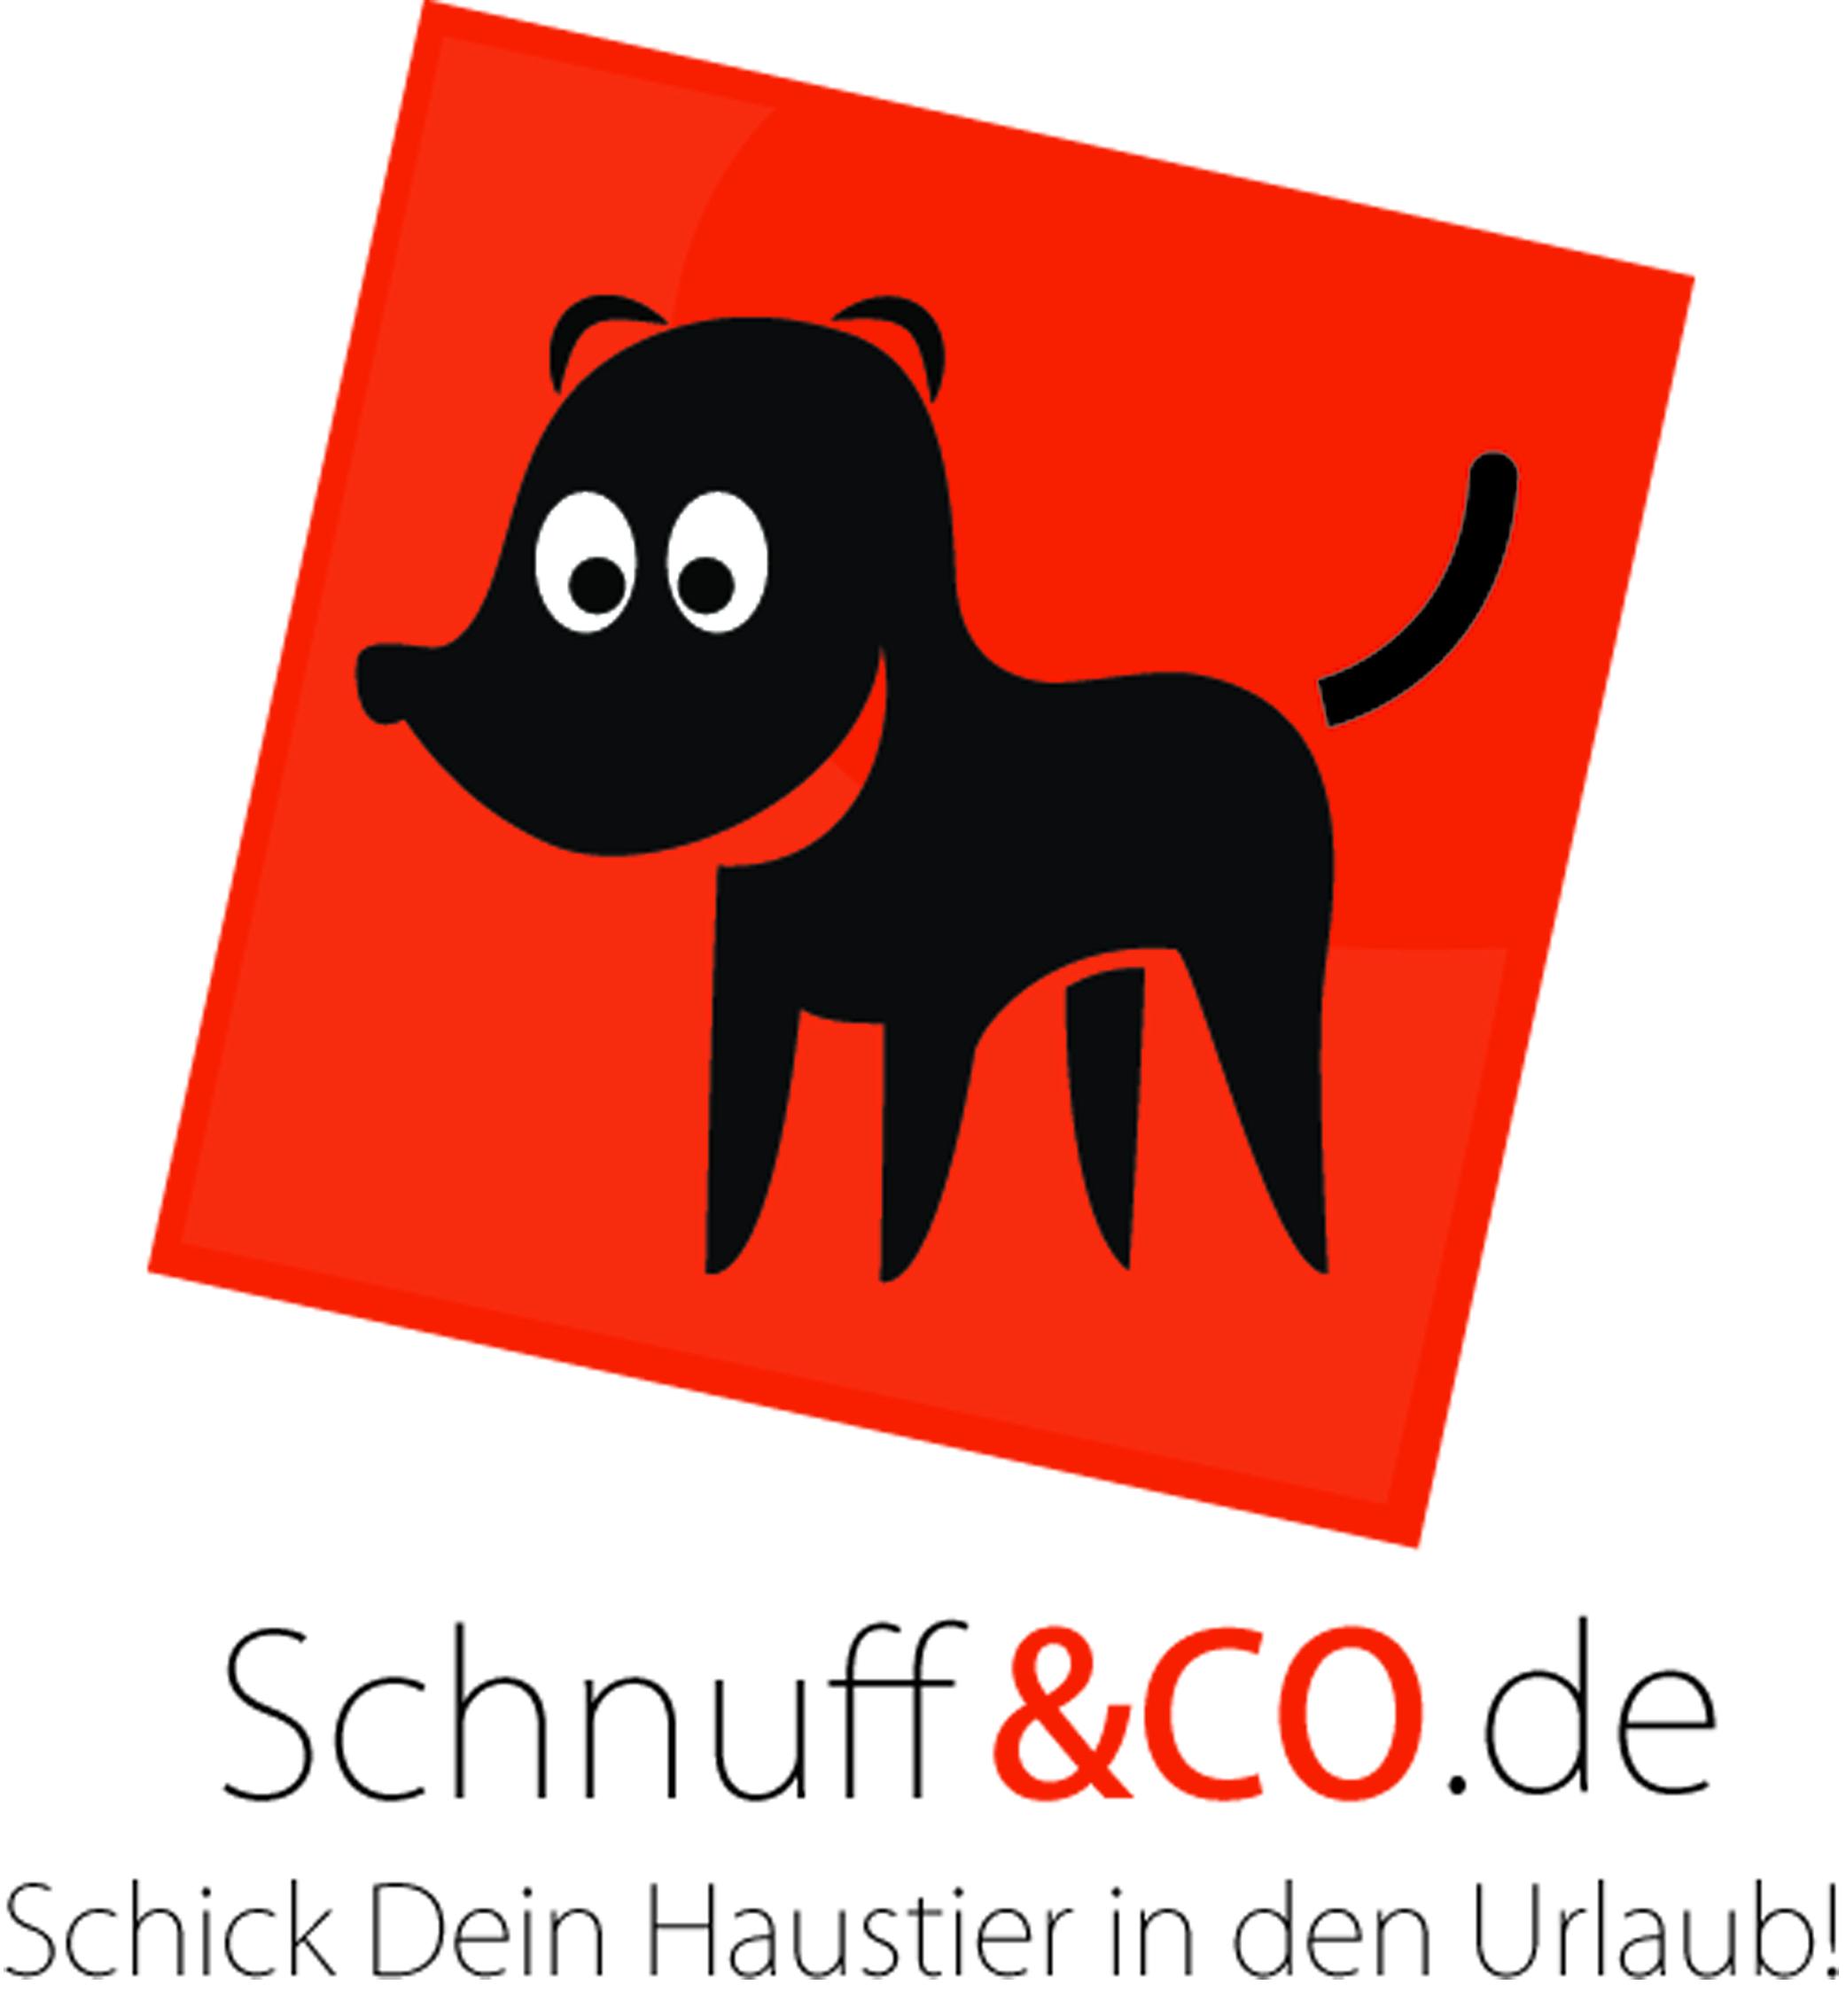 Schnuff und Co geht an den Start & Ihr könnt Geld verdienen